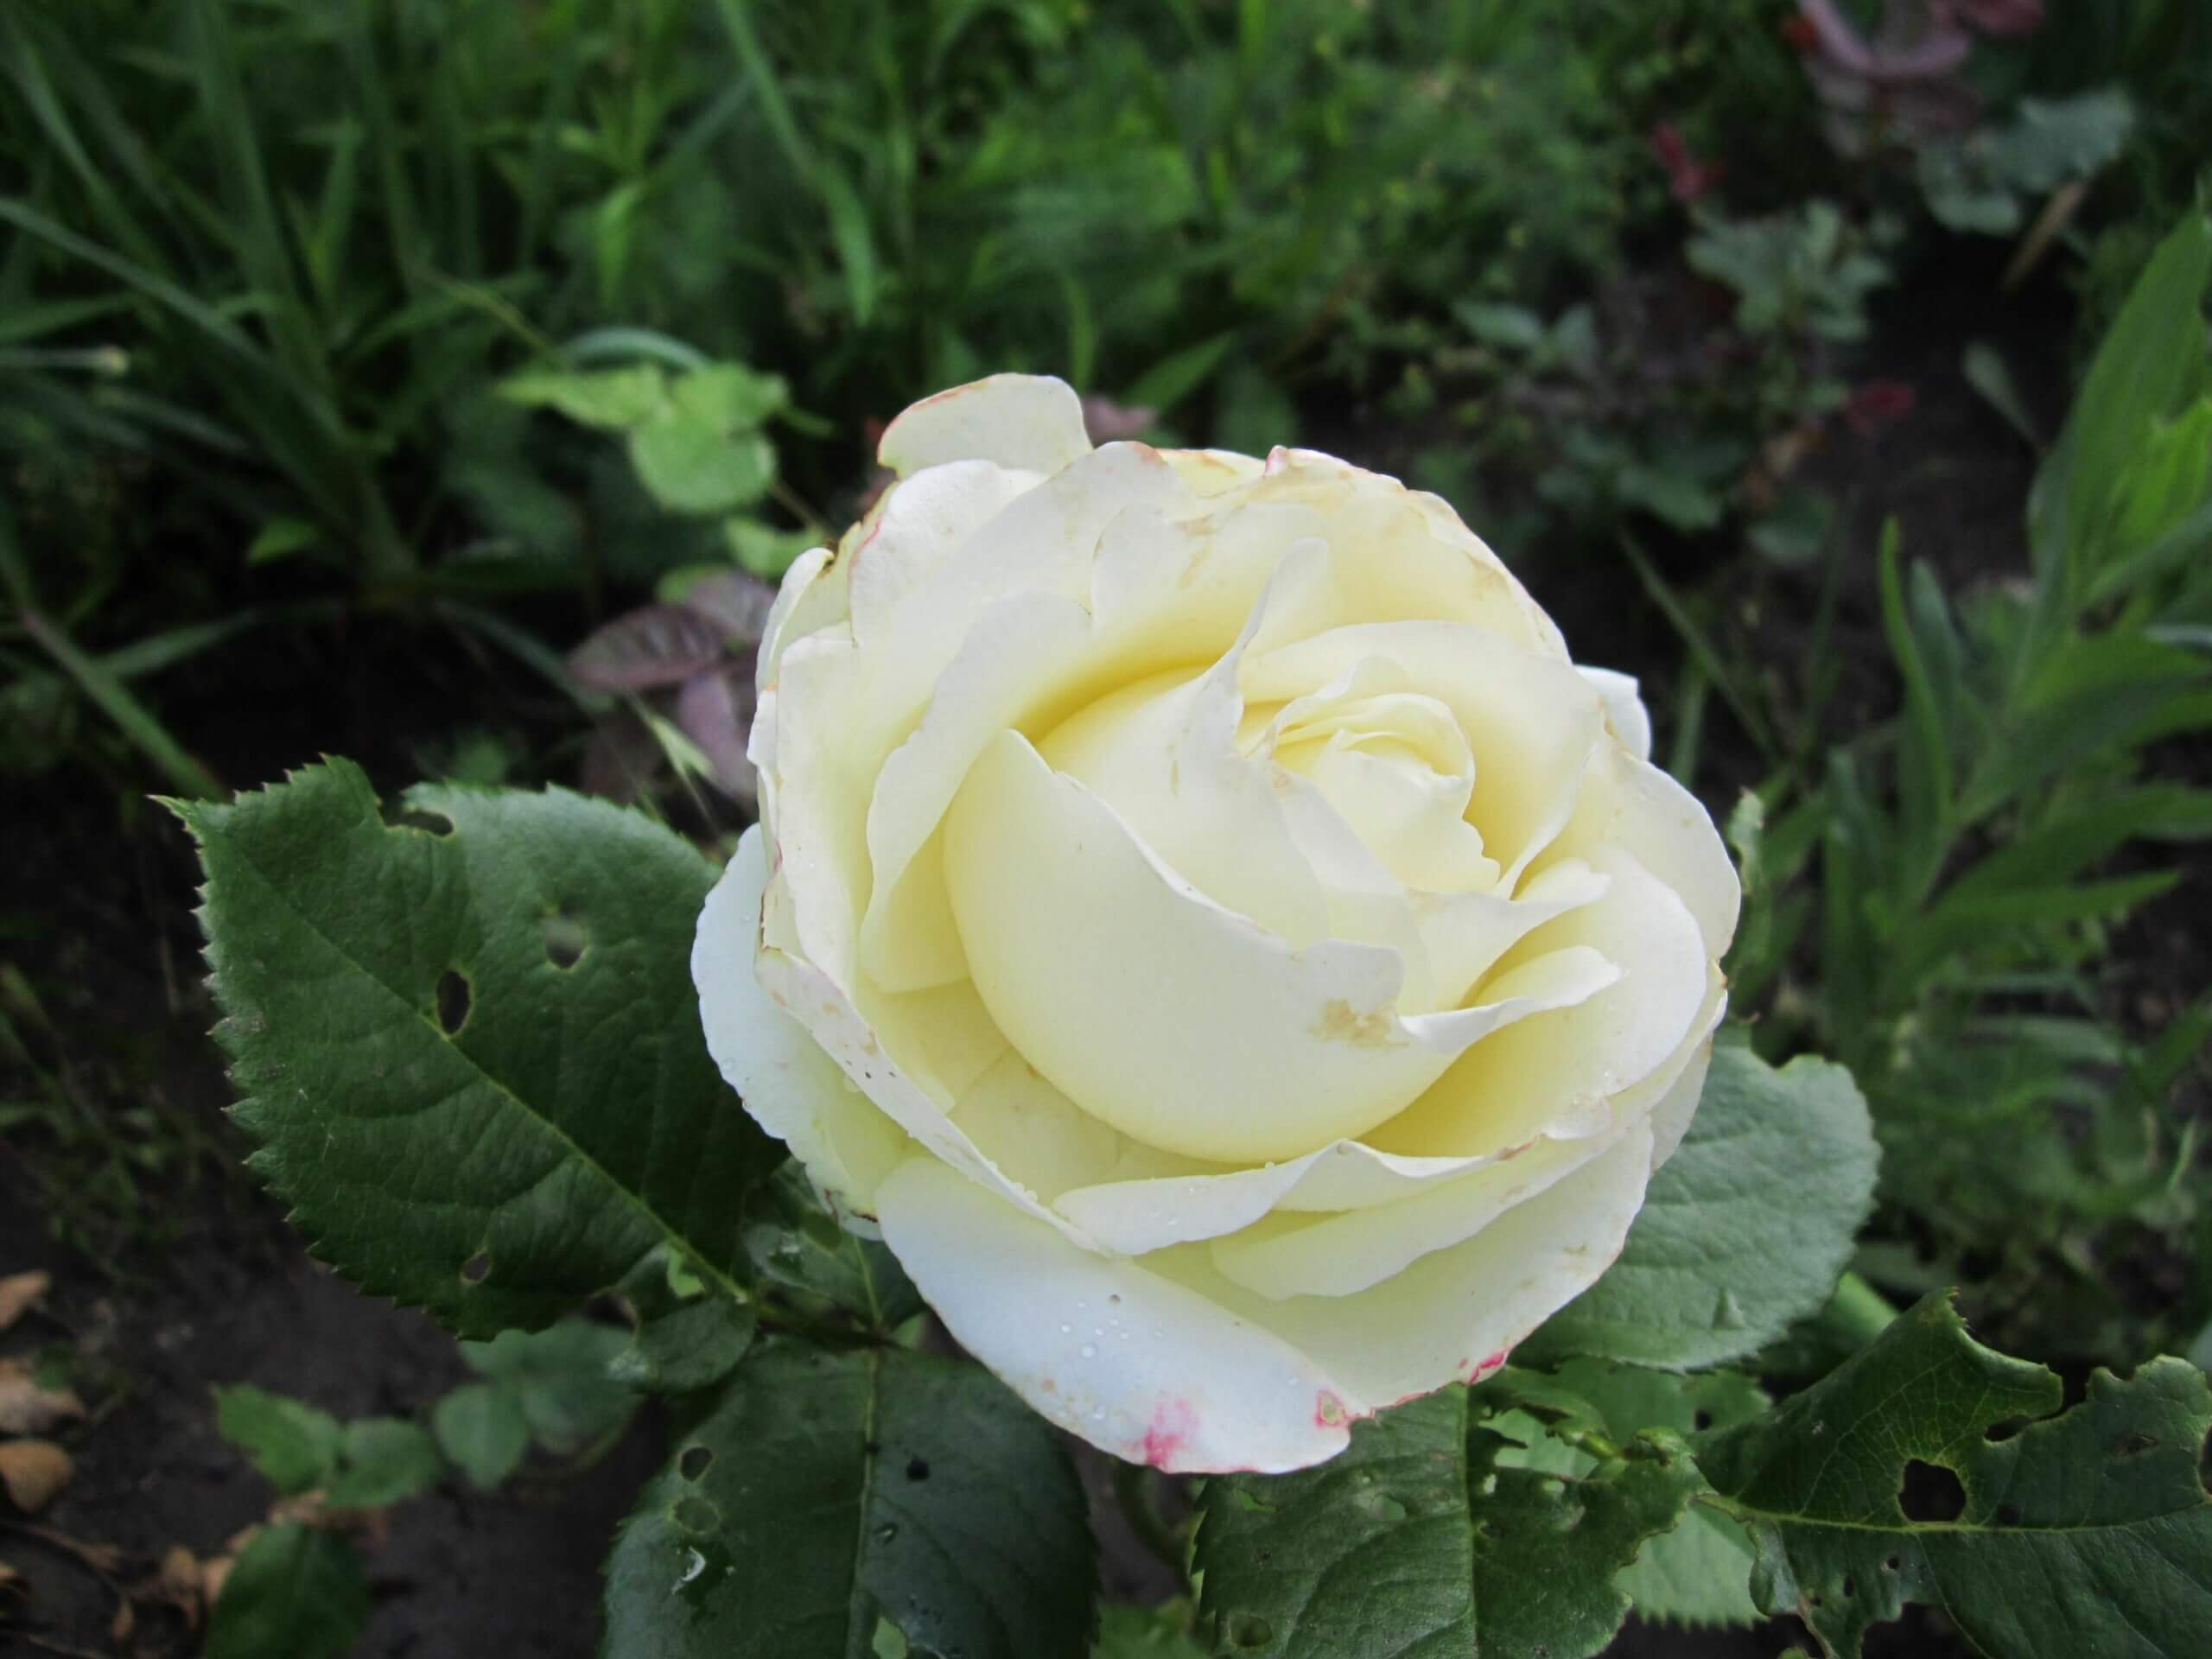 Polarstern — чайно-гибридная роза кремового цвета от селекционеров компании Tantau